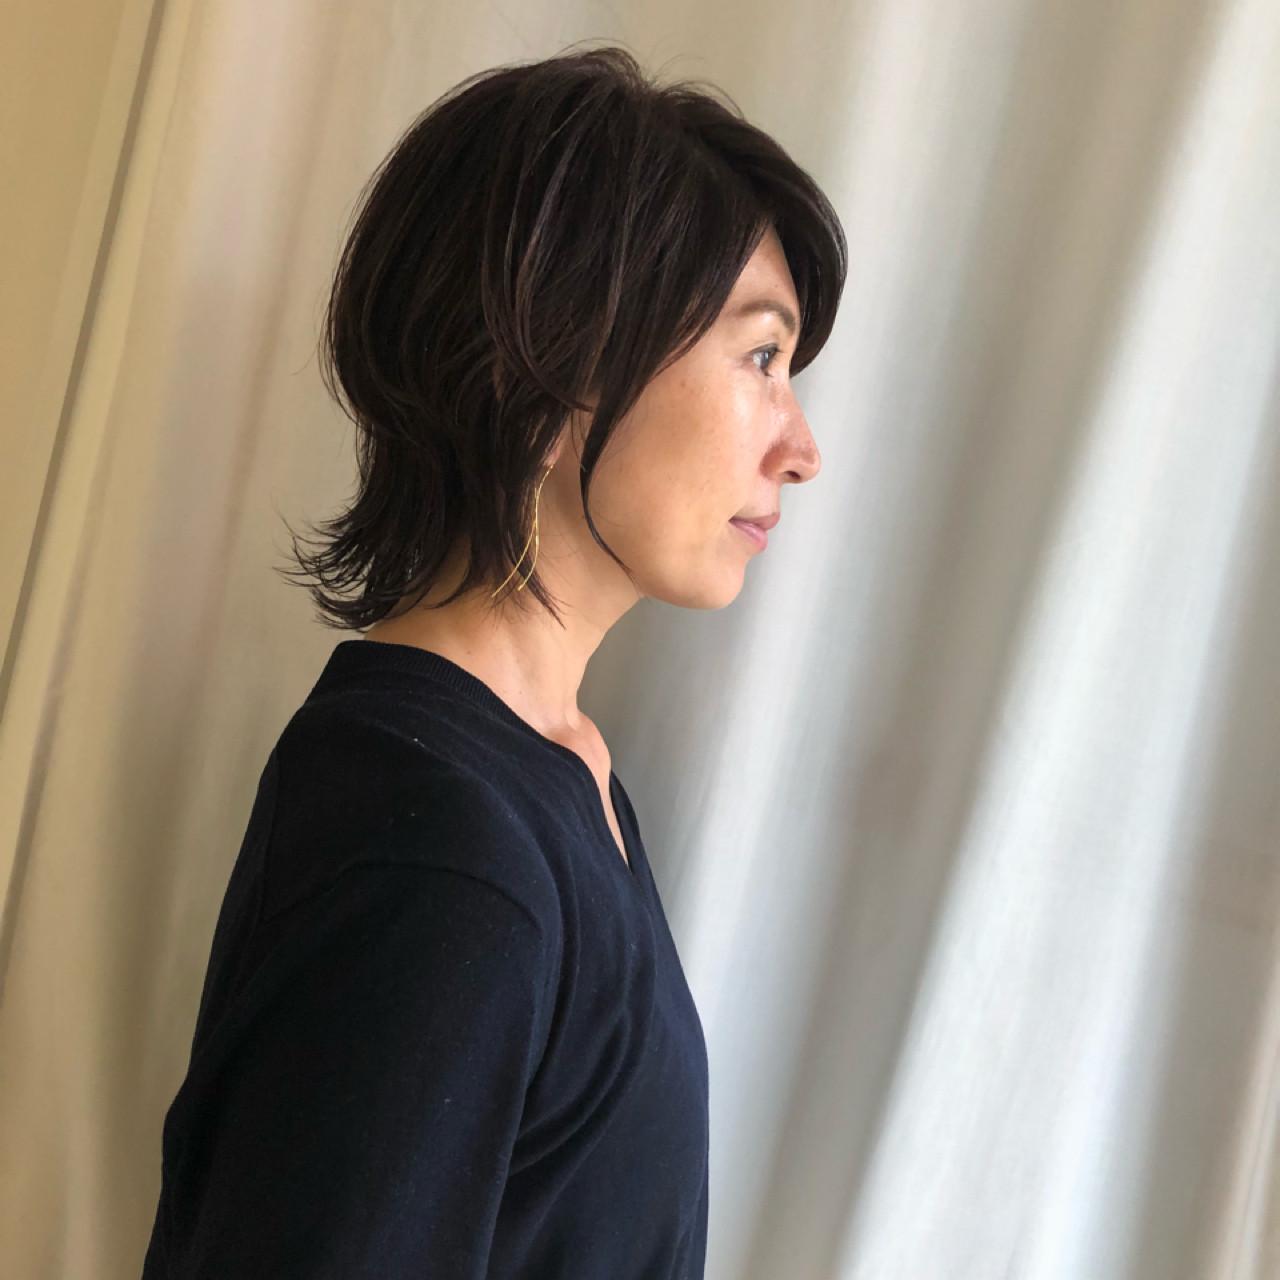 大人かっこいい♡50代女性の小顔ヘア 岩城 浩子